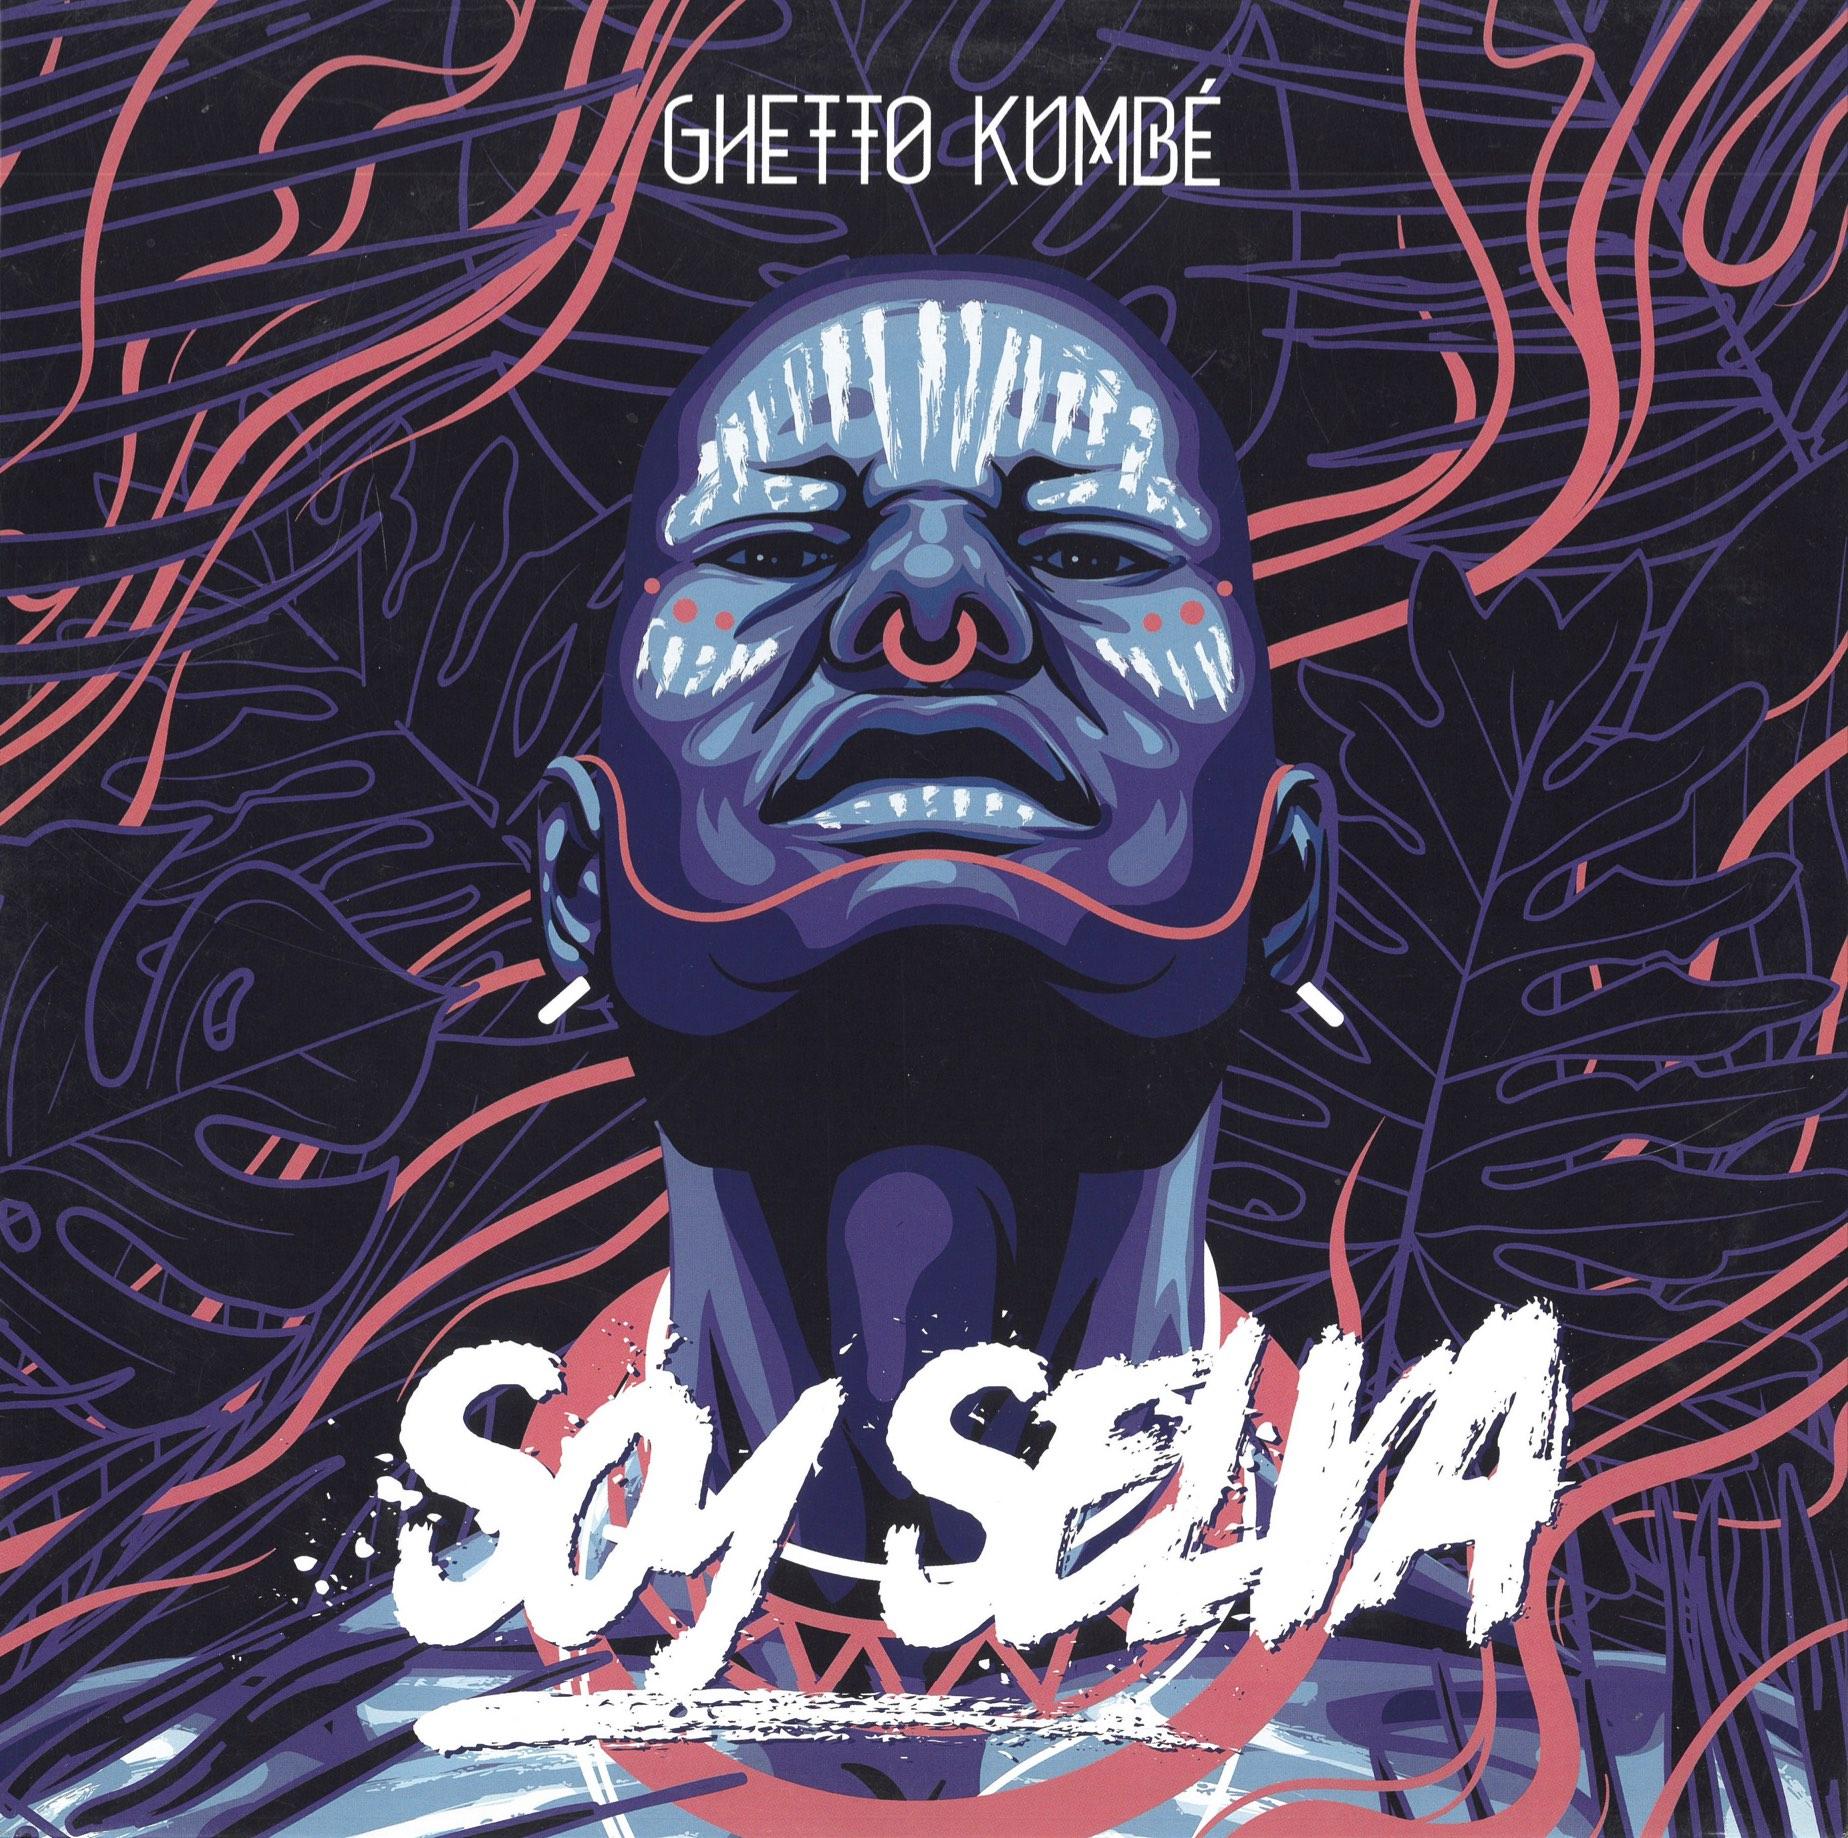 2017 - Ghetto Kumbe